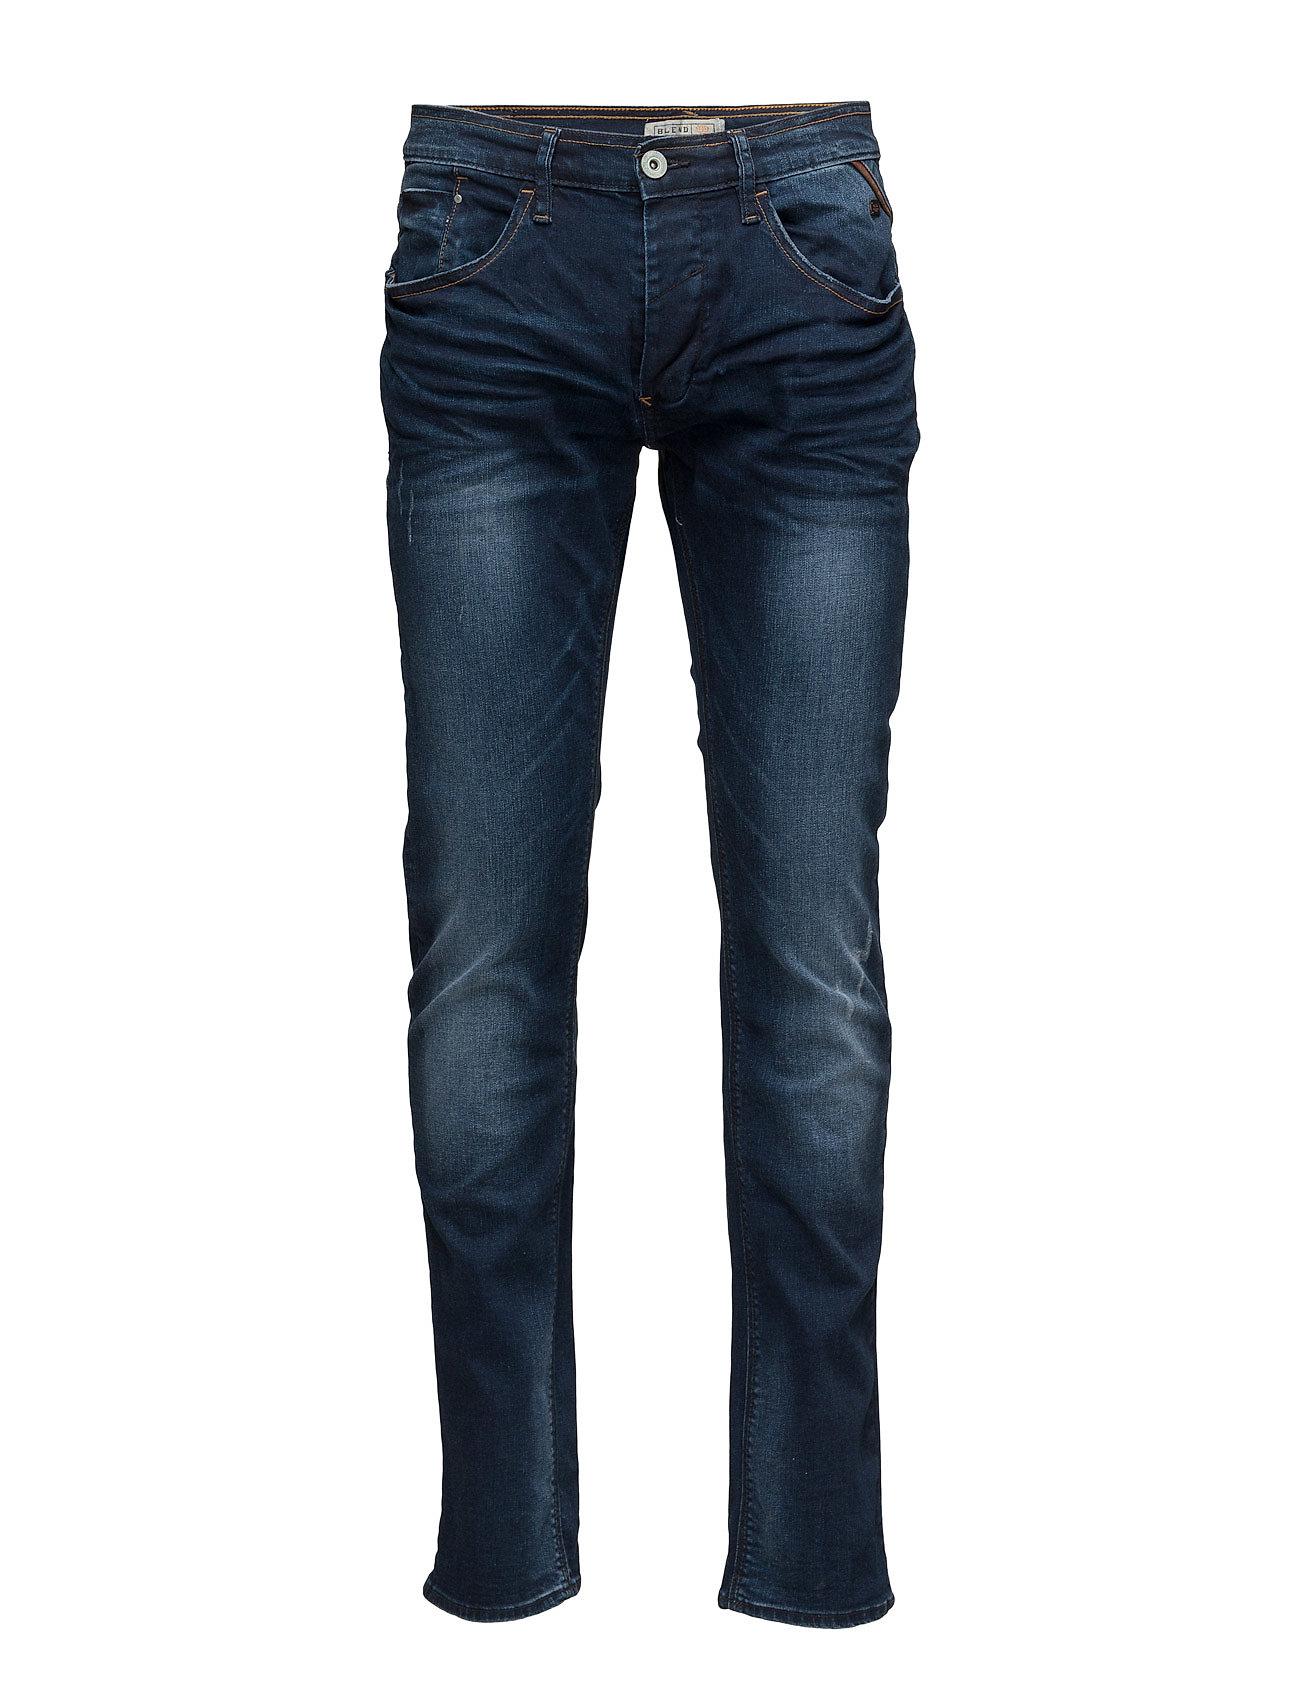 Blend Jeans - NOOS - MIDDLE BLUE